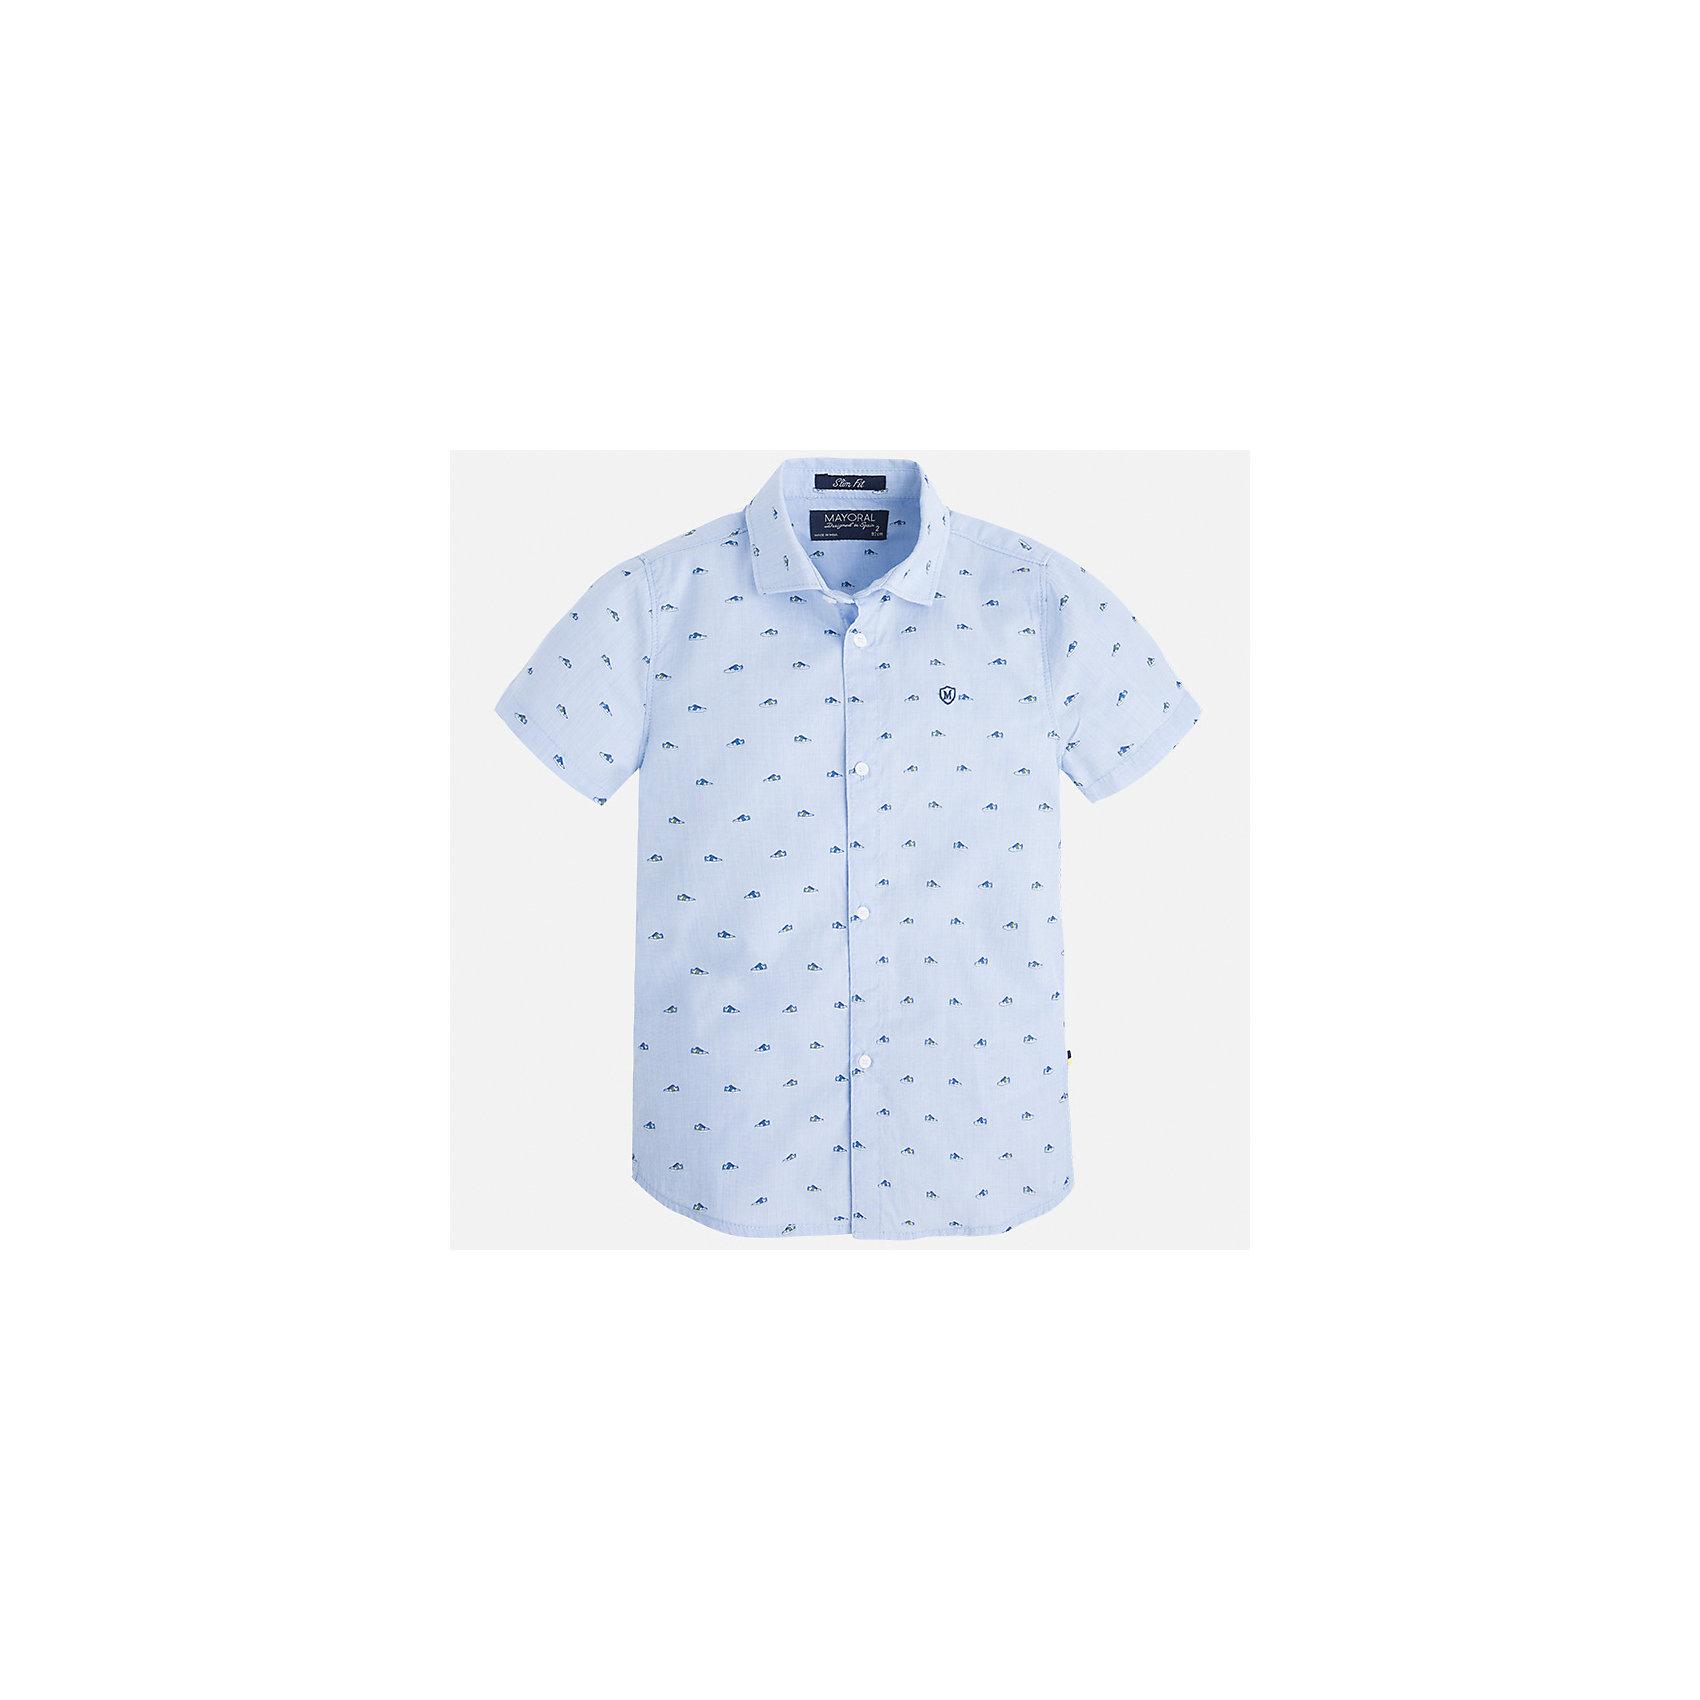 Рубашка для мальчика MayoralБлузки и рубашки<br>Характеристики товара:<br><br>• цвет: голубой<br>• состав: 100% хлопок<br>• отложной воротник<br>• короткие рукава<br>• застежка: пуговицы<br>• вышивка на груди<br>• страна бренда: Испания<br><br>Стильная рубашка для мальчика может стать базовой вещью в гардеробе ребенка. Она отлично сочетается с брюками, шортами, джинсами и т.д. Универсальный крой и цвет позволяет подобрать к вещи низ разных расцветок. Практичное и стильное изделие! В составе материала - только натуральный хлопок, гипоаллергенный, приятный на ощупь, дышащий.<br><br>Одежда, обувь и аксессуары от испанского бренда Mayoral полюбились детям и взрослым по всему миру. Модели этой марки - стильные и удобные. Для их производства используются только безопасные, качественные материалы и фурнитура. Порадуйте ребенка модными и красивыми вещами от Mayoral! <br><br>Рубашку для мальчика от испанского бренда Mayoral (Майорал) можно купить в нашем интернет-магазине.<br><br>Ширина мм: 174<br>Глубина мм: 10<br>Высота мм: 169<br>Вес г: 157<br>Цвет: голубой<br>Возраст от месяцев: 18<br>Возраст до месяцев: 24<br>Пол: Мужской<br>Возраст: Детский<br>Размер: 110,98,128,122,116,92,104,134<br>SKU: 5272243